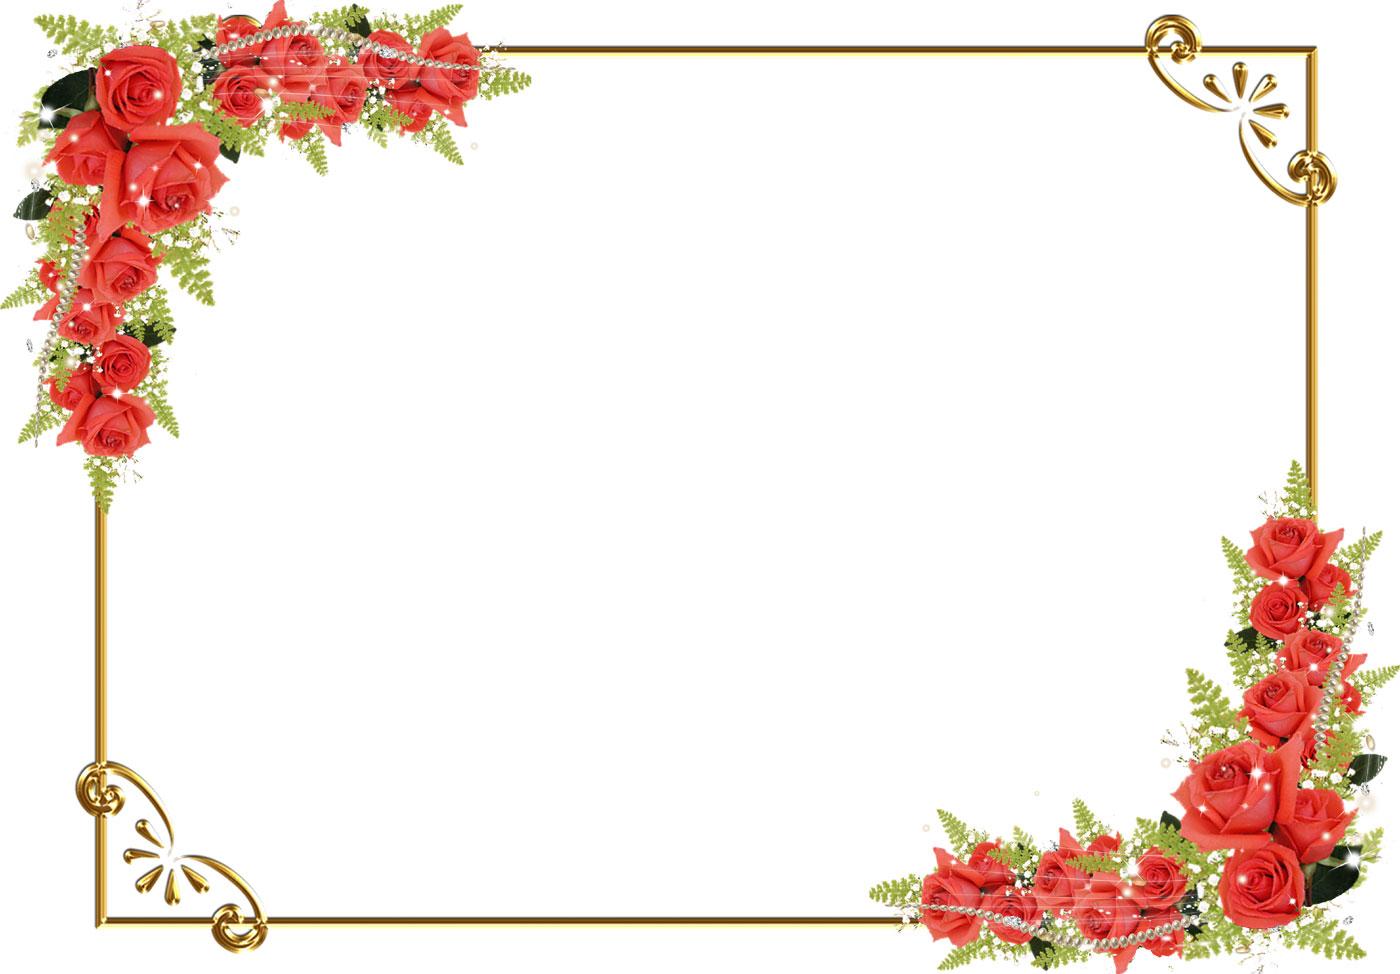 Оформление открыток с днем рожденья